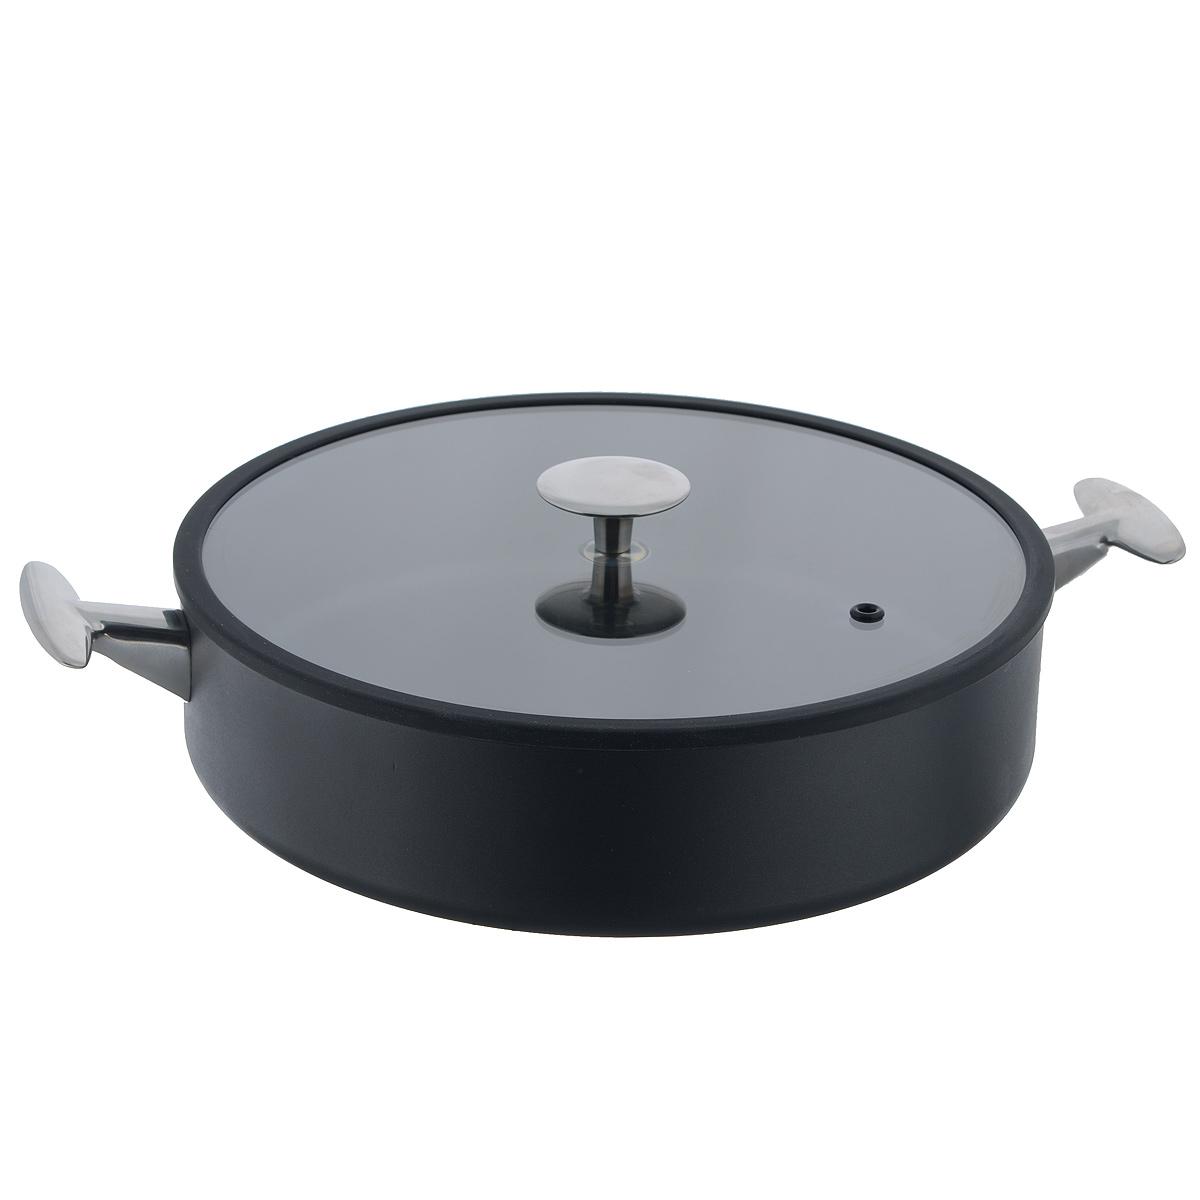 Сотейник с крышкой TVS Maestrale, с антипригарным покрытием, цвет: черный. Диаметр 28 см68/5/4Сотейник TVS Maestrale выполнен из алюминия с внешним лаковым покрытием черного цвета и обладает превосходной теплопроводностью. Внутреннее антипригарное покрытие Toptec позволяет готовить пищу с минимальным использованием масла. Прочная поверхность сотейника не боится механических повреждений.Эргономичные ручки, изготовленные из нержавеющей стали, имеют плавные формы, которые подчеркивают стиль сотейника.Крышка, изготовленная из закаленного стекла имеет силиконовый уплотнитель, благодаря чему идеально прилегает к сотейнику и обеспечивает равномерное распределение температуры внутри него. Сотейник TVS Maestrale изготовлен из экологичных материалов, что делает его пригодным для приготовления пищи детям.Подходит для всех видов плит, включая индукционные.Сотейник TVS Maestrale можно использовать в духовому шкафу. Максимальная температура 230°С. Можно мыть в посудомоечной машине.Особенностью коллекции Maestrale является фурнитура из нержавеющей стали с изящными формами, очень эффектно сочетающаяся с литым корпусом изделий с черным антипригарным покрытием Toptec. Дно сковород и кастрюль, входящих в коллекцию, имеет вплавленный стальной диск, благодаря чему посуду можно использовать, в том числе и на индукционных плитах. Компания TVS была основана в 1968 году. Основными принципами, которых придерживается компания, являются экологическая безопасность производства, использование новейших материалов и технологий, а также всесторонний учет потребностей рынка. Посуда TVS (Италия) - это превосходное решение для любой современной кухни, способное создать по-настоящему комфортные условия для приготовления пищи. Диаметр сотейника: 28 см. Высота стенки: 6,5 см.Диаметр крышки: 27 см.